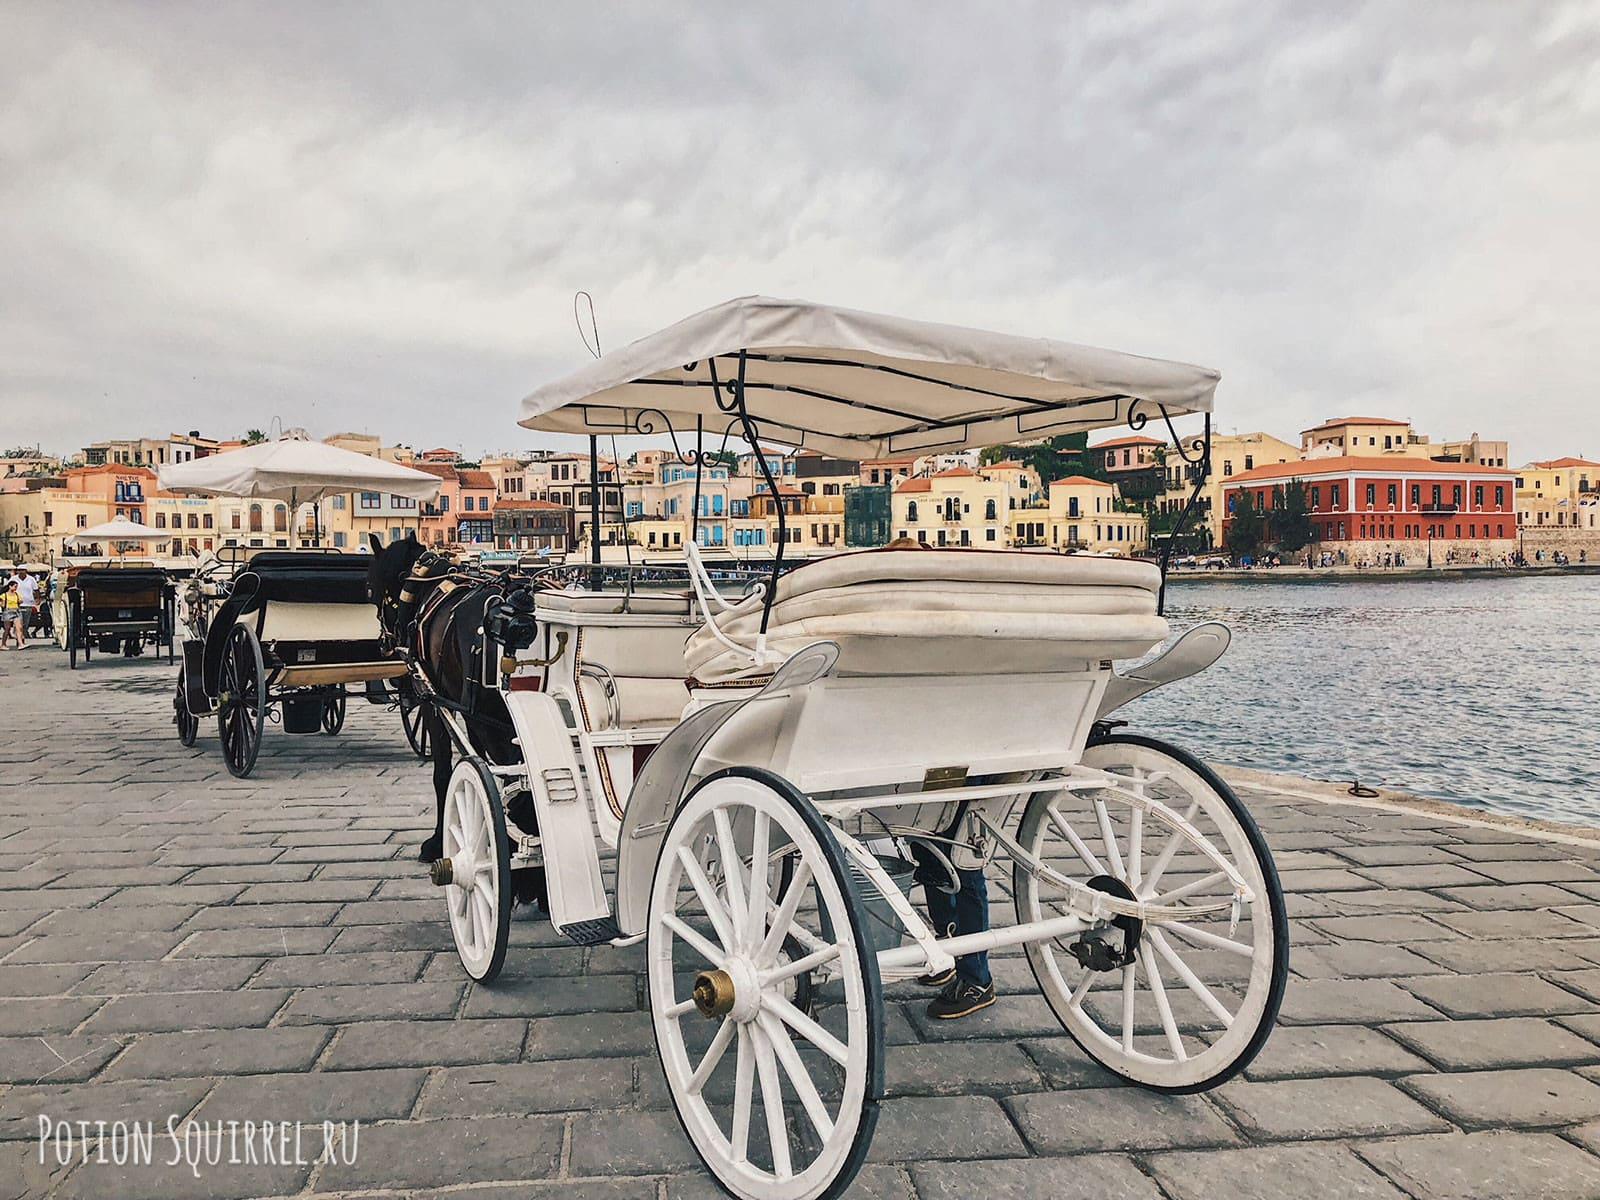 Повозки для быстрого тура вокруг порта